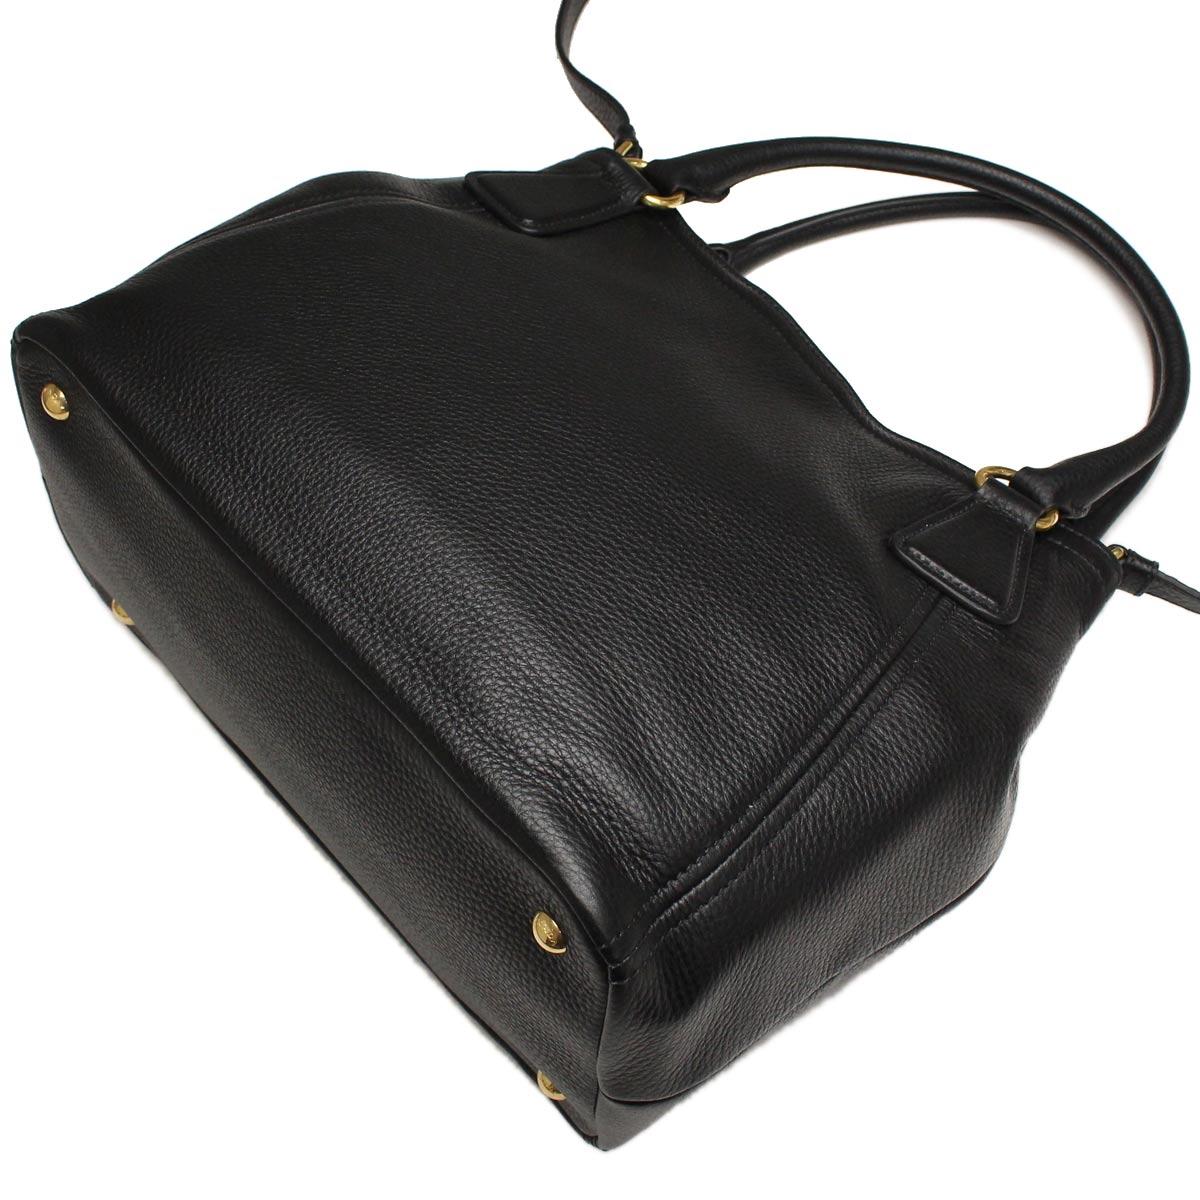 프라다 아울렛(PRADA(OUTLET)) 핸드백 1 BC534 O UWL F0002 NERO 블랙